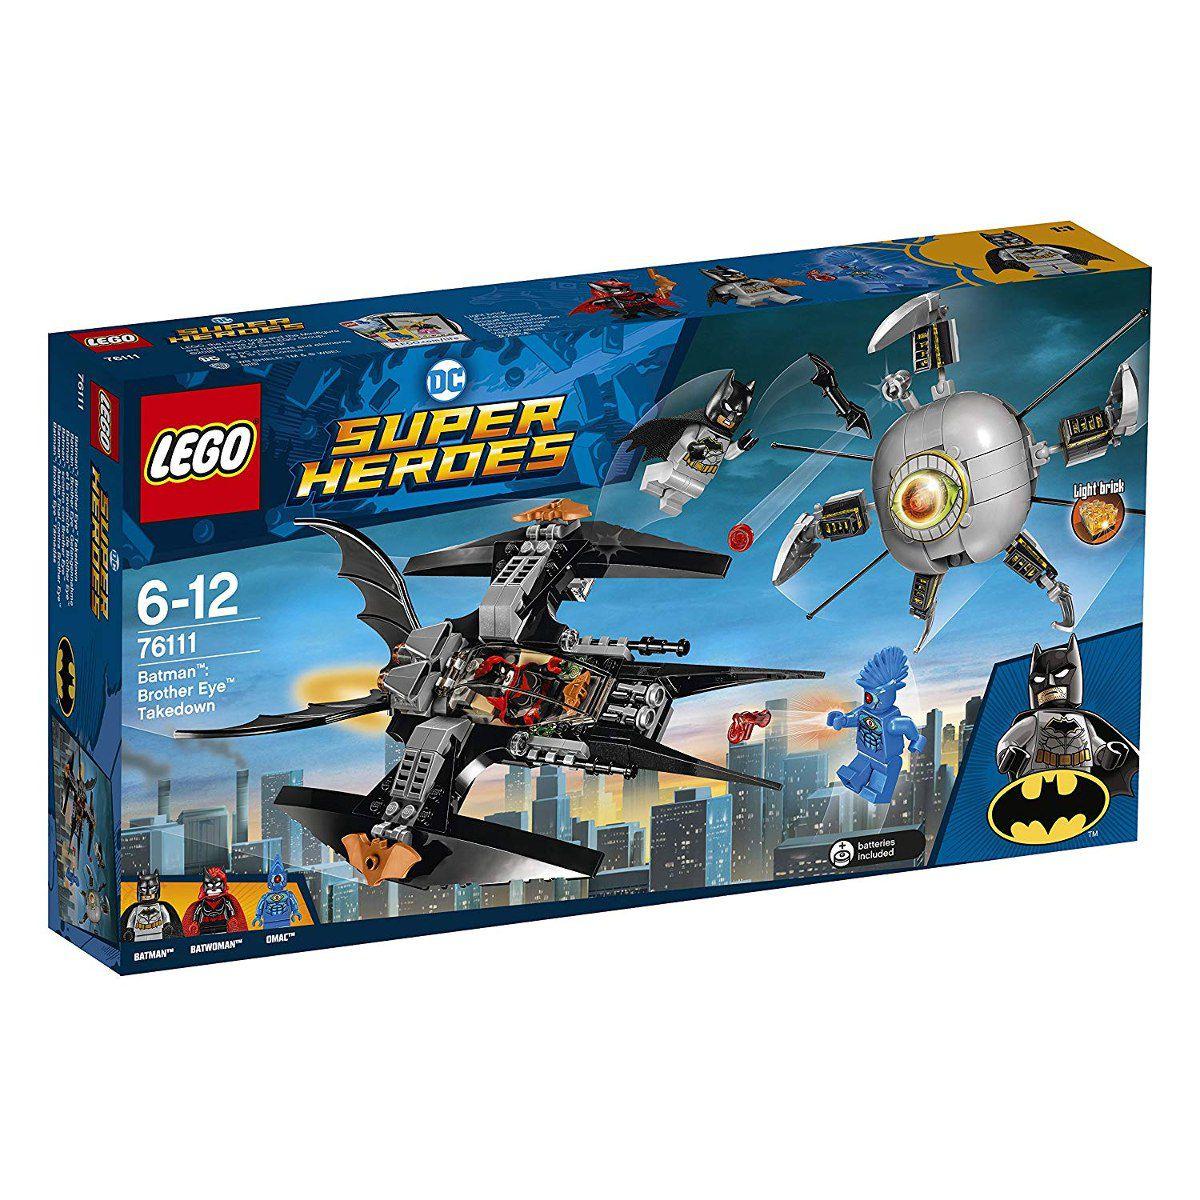 Lego 76111 Super Heroes - Batman a Derrubada do Irmão Olho – 269 peças